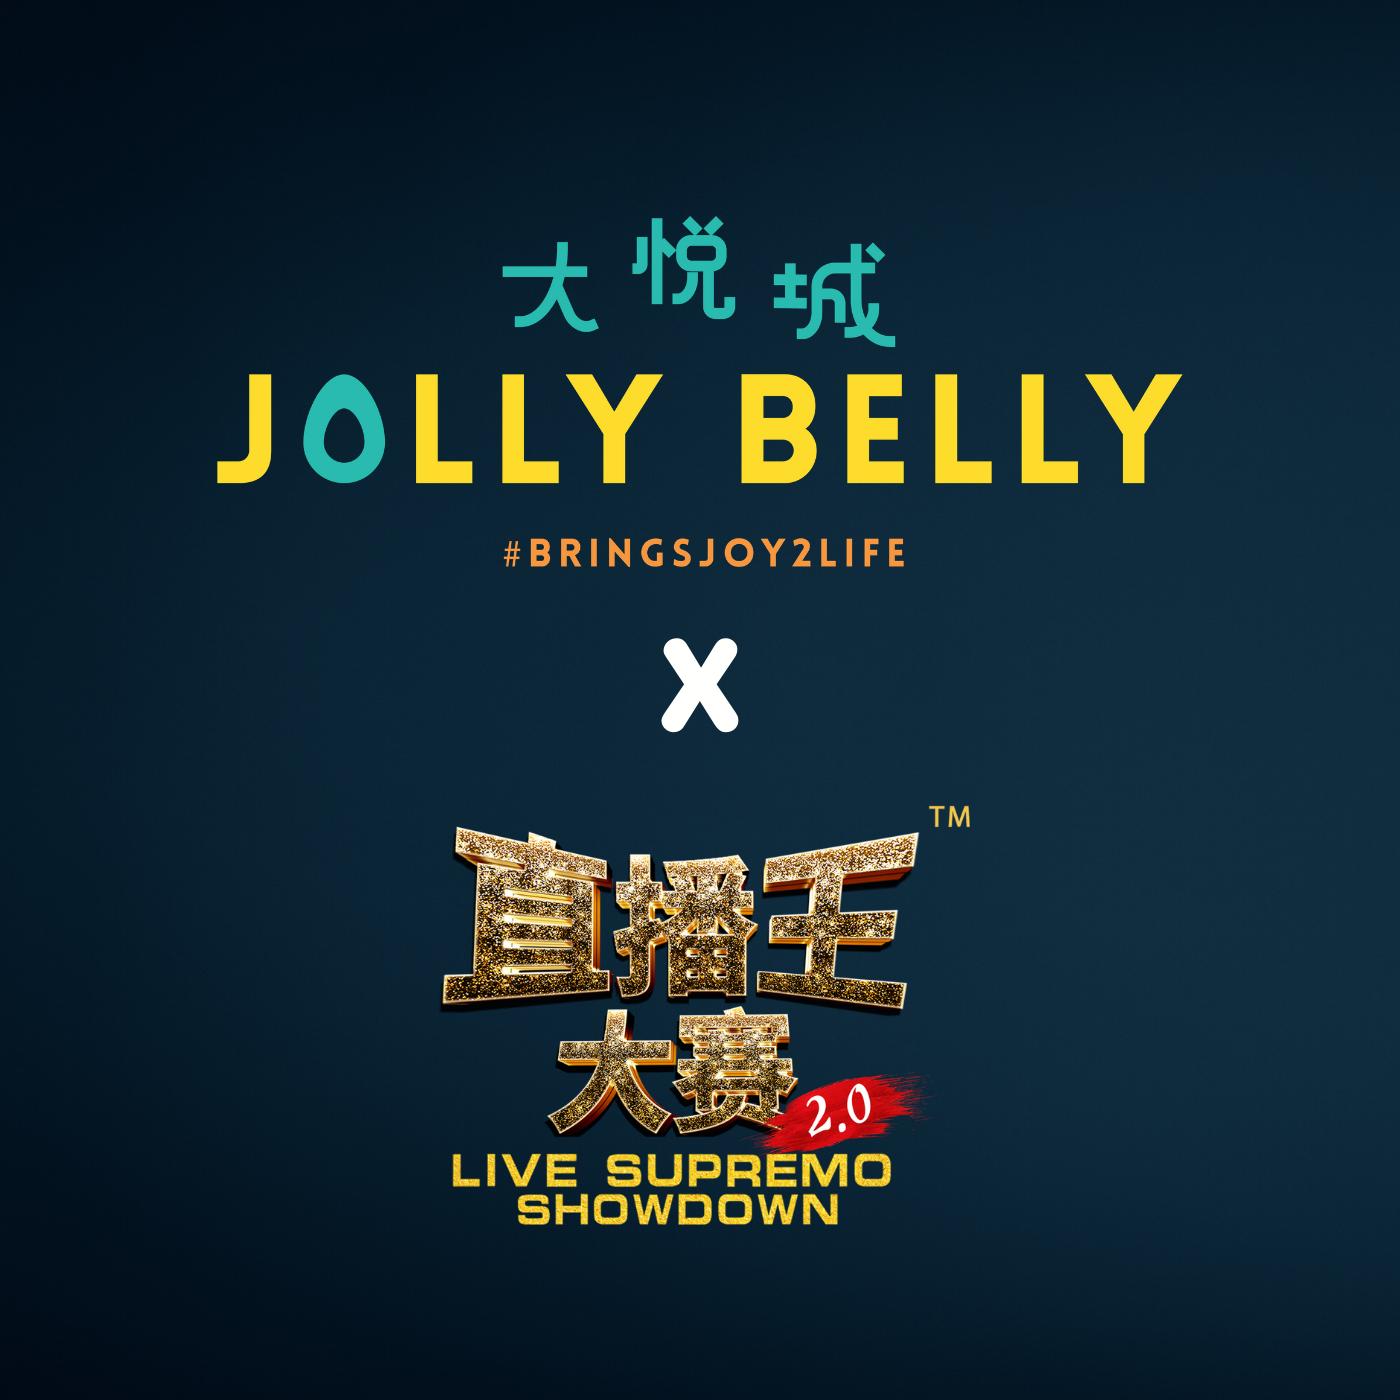 Jolly Belly x Live Supremo Showdown